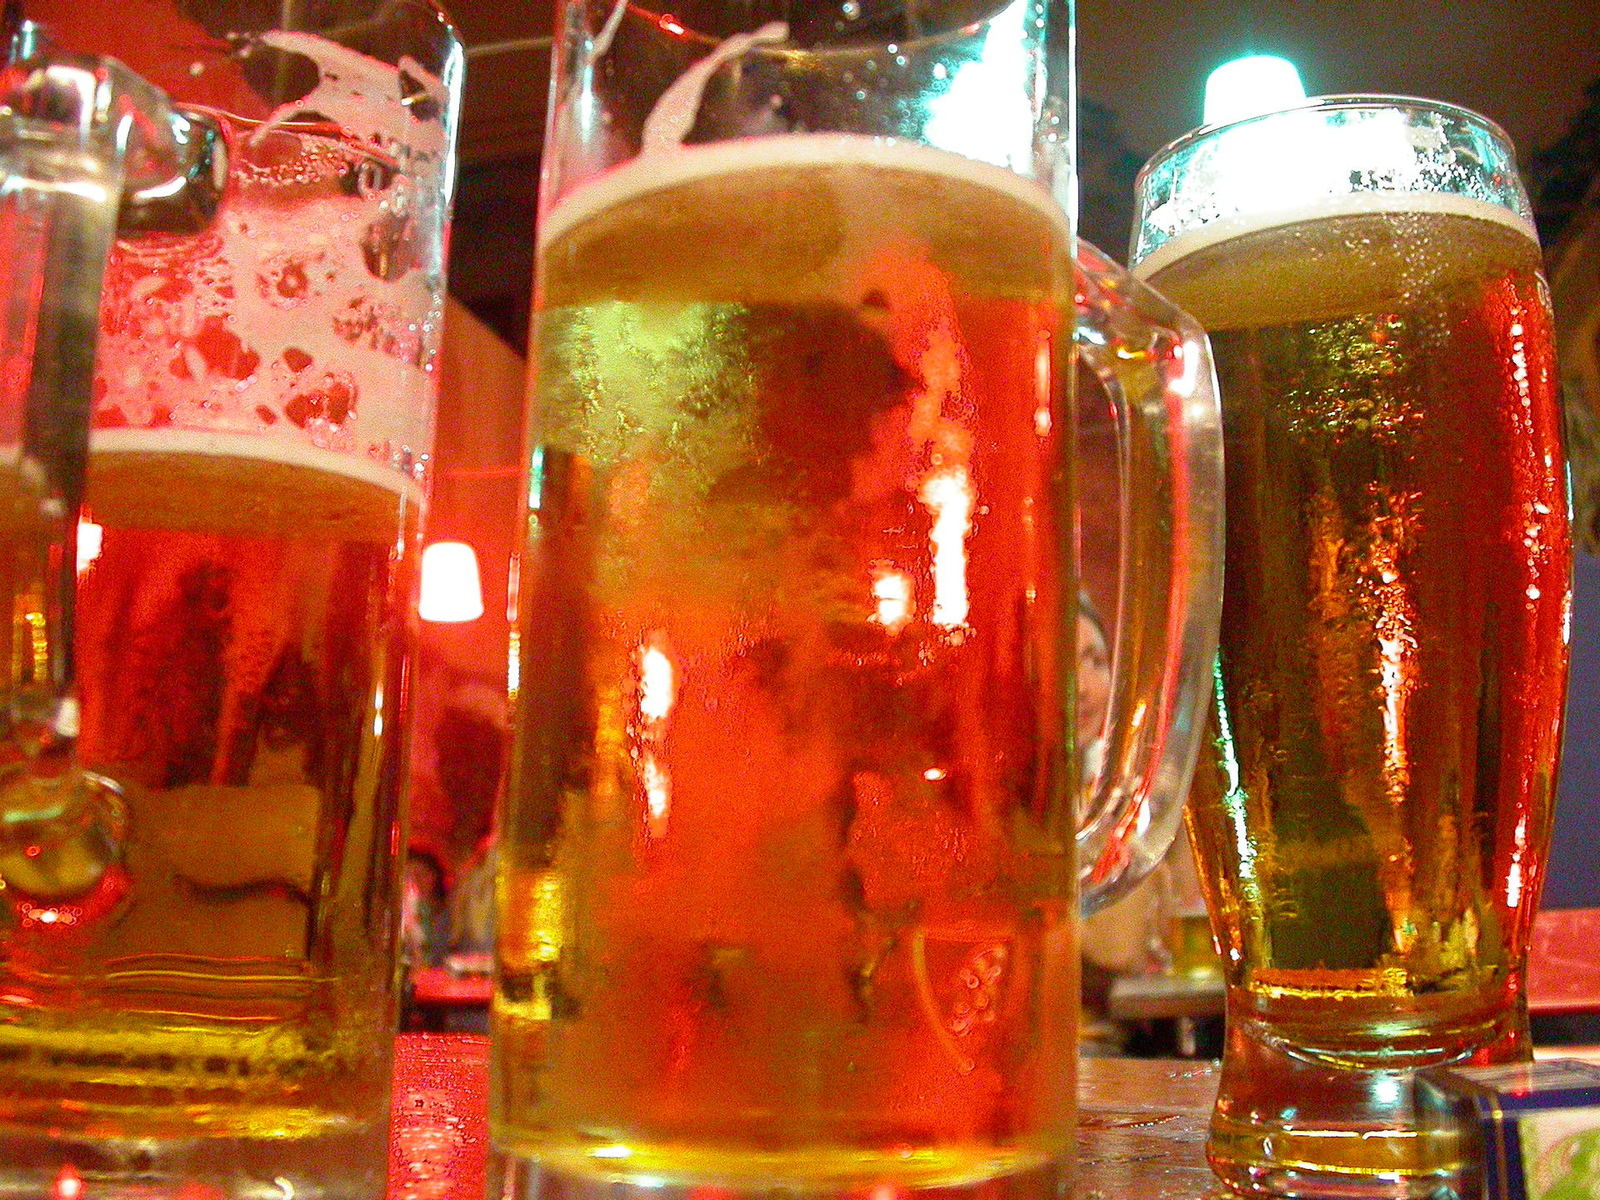 beer-mugs-1551639-1600x1200